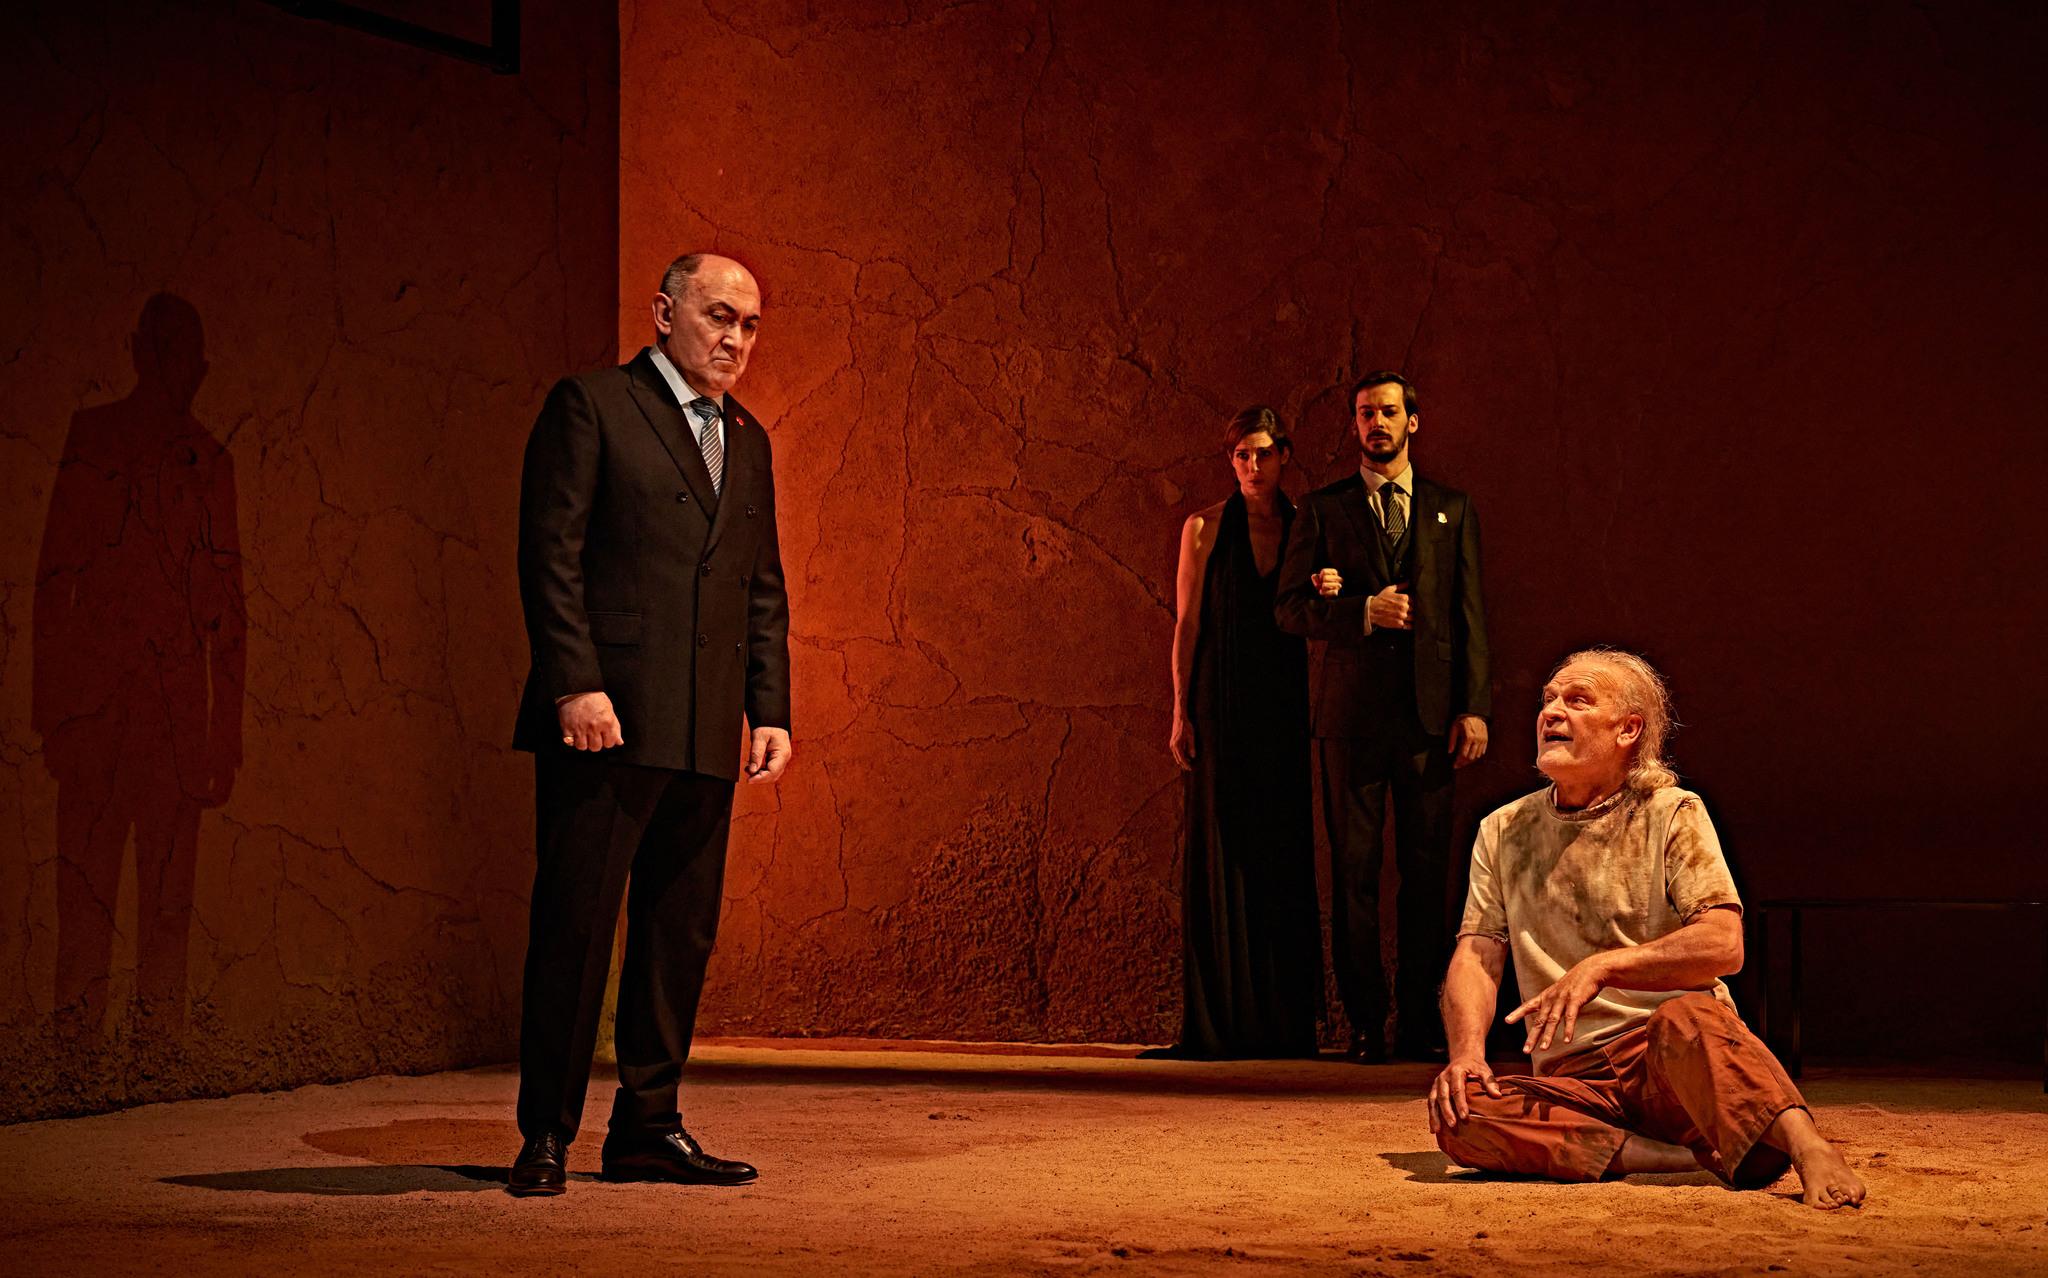 Arturo Querejeta (Rey moro) y Lluís Homa (infante don Fernanso), en un momento de la representación de 'El príncipe constante', en el Teatro de la Comedia de Madrid.